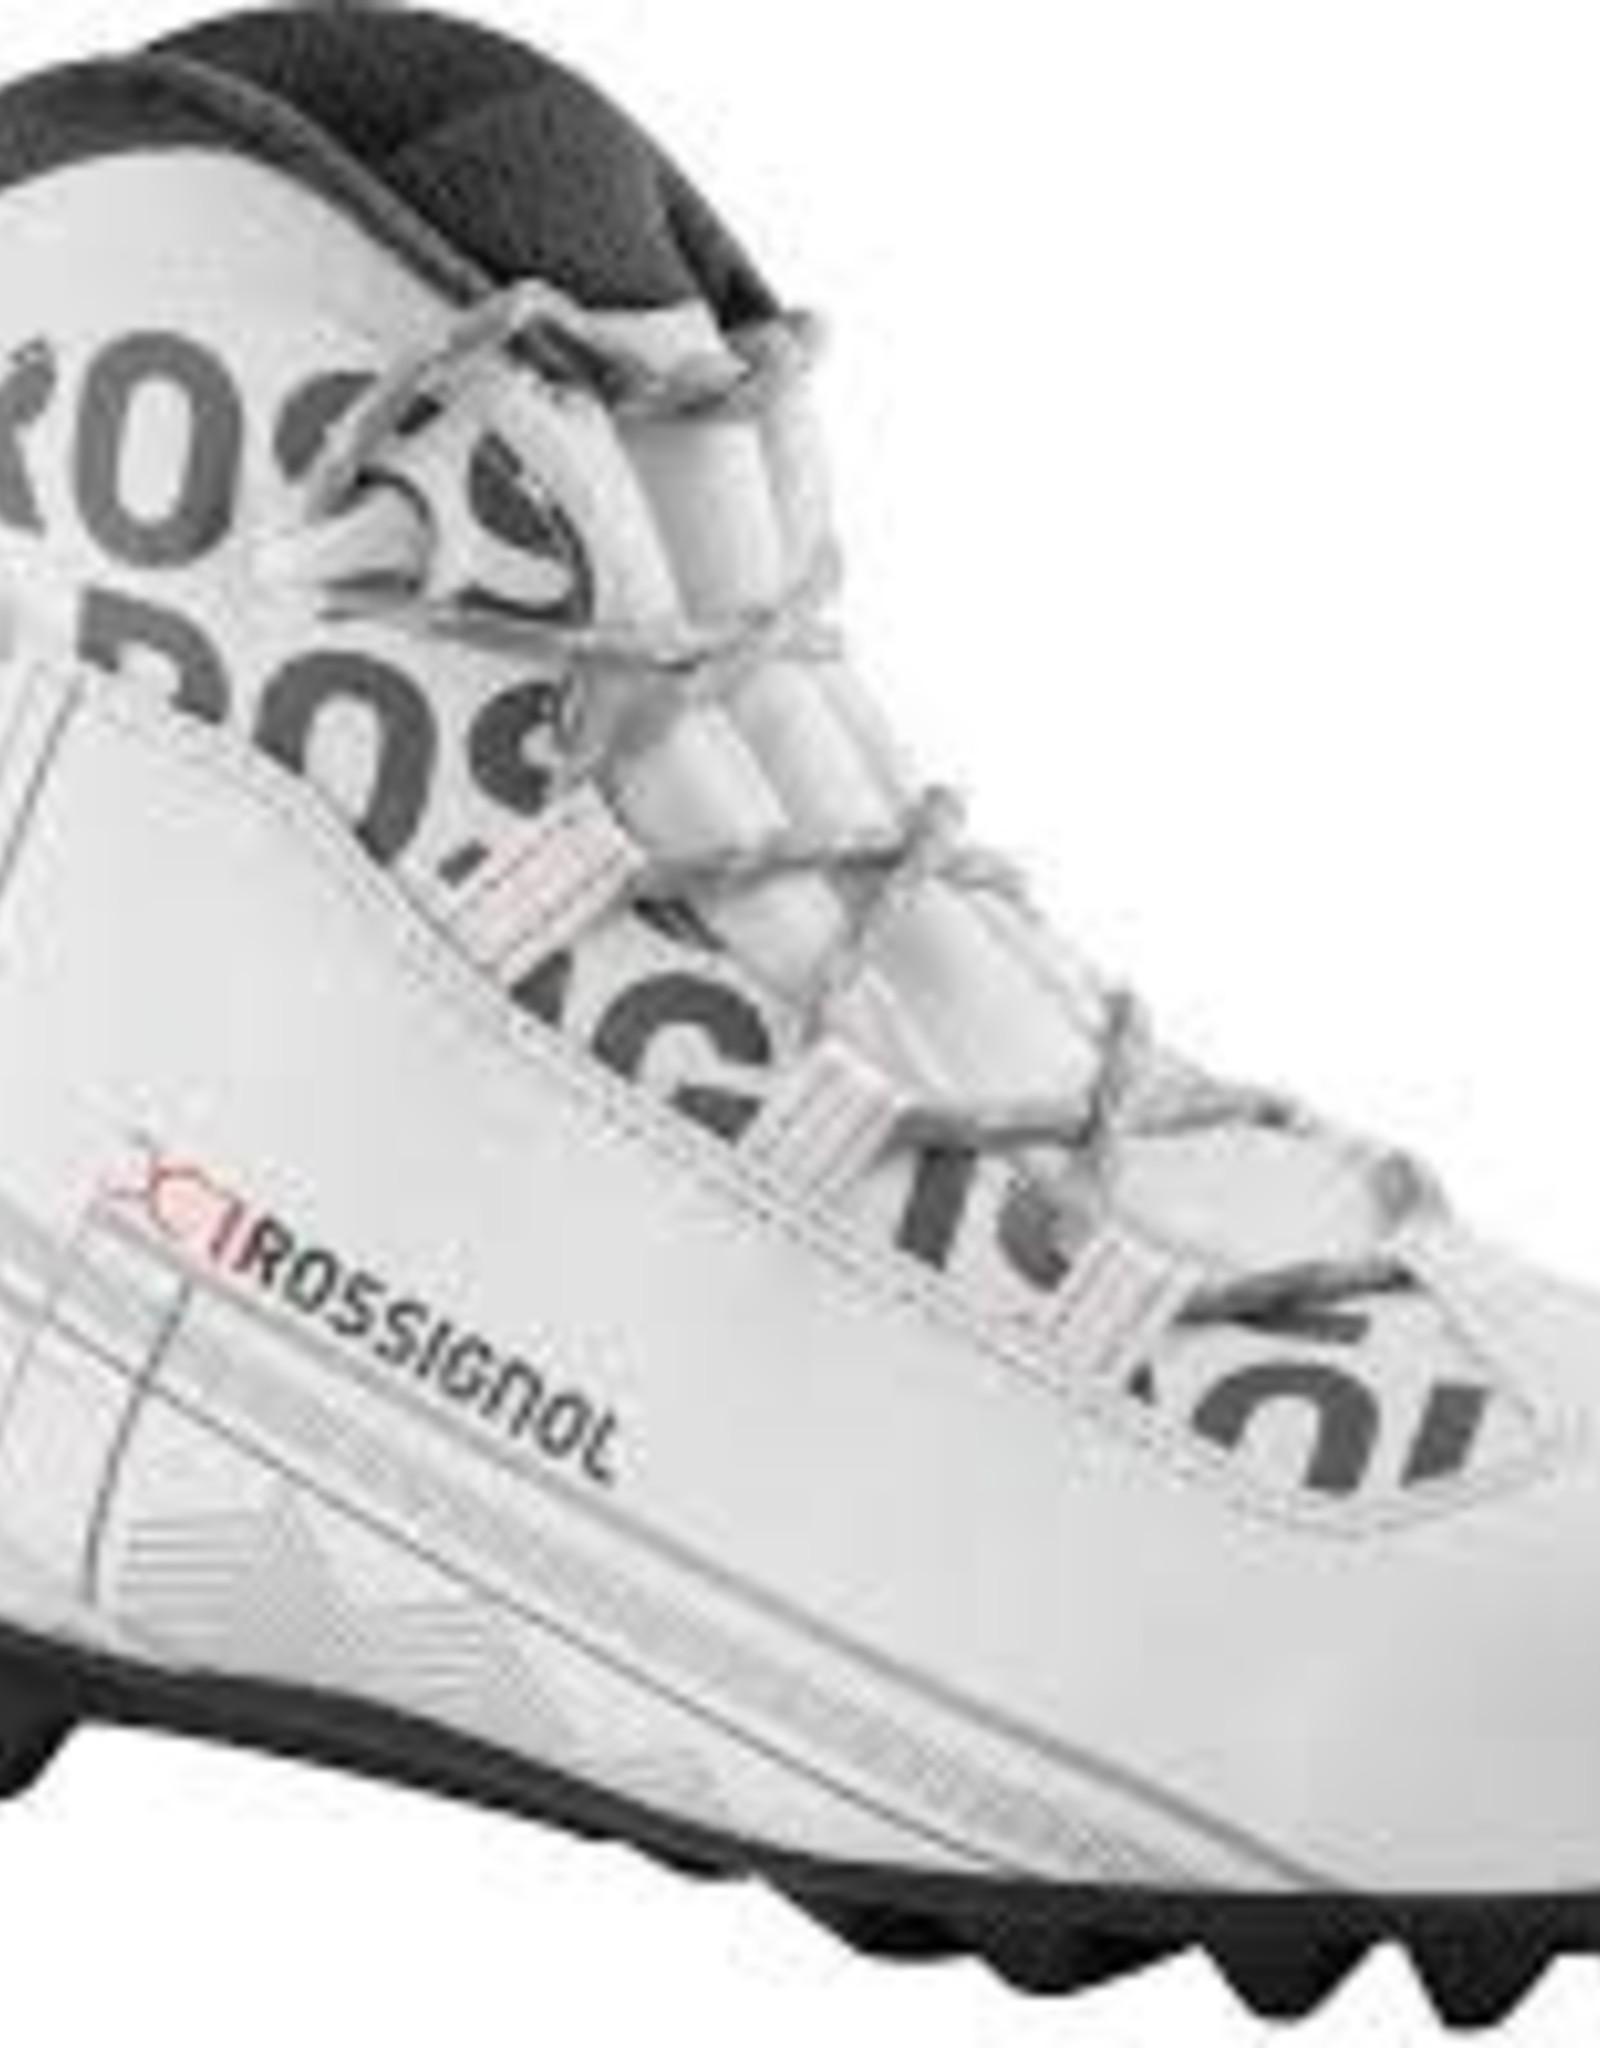 ROSSIGNOL ROSSIGNOL X1 Classic Women